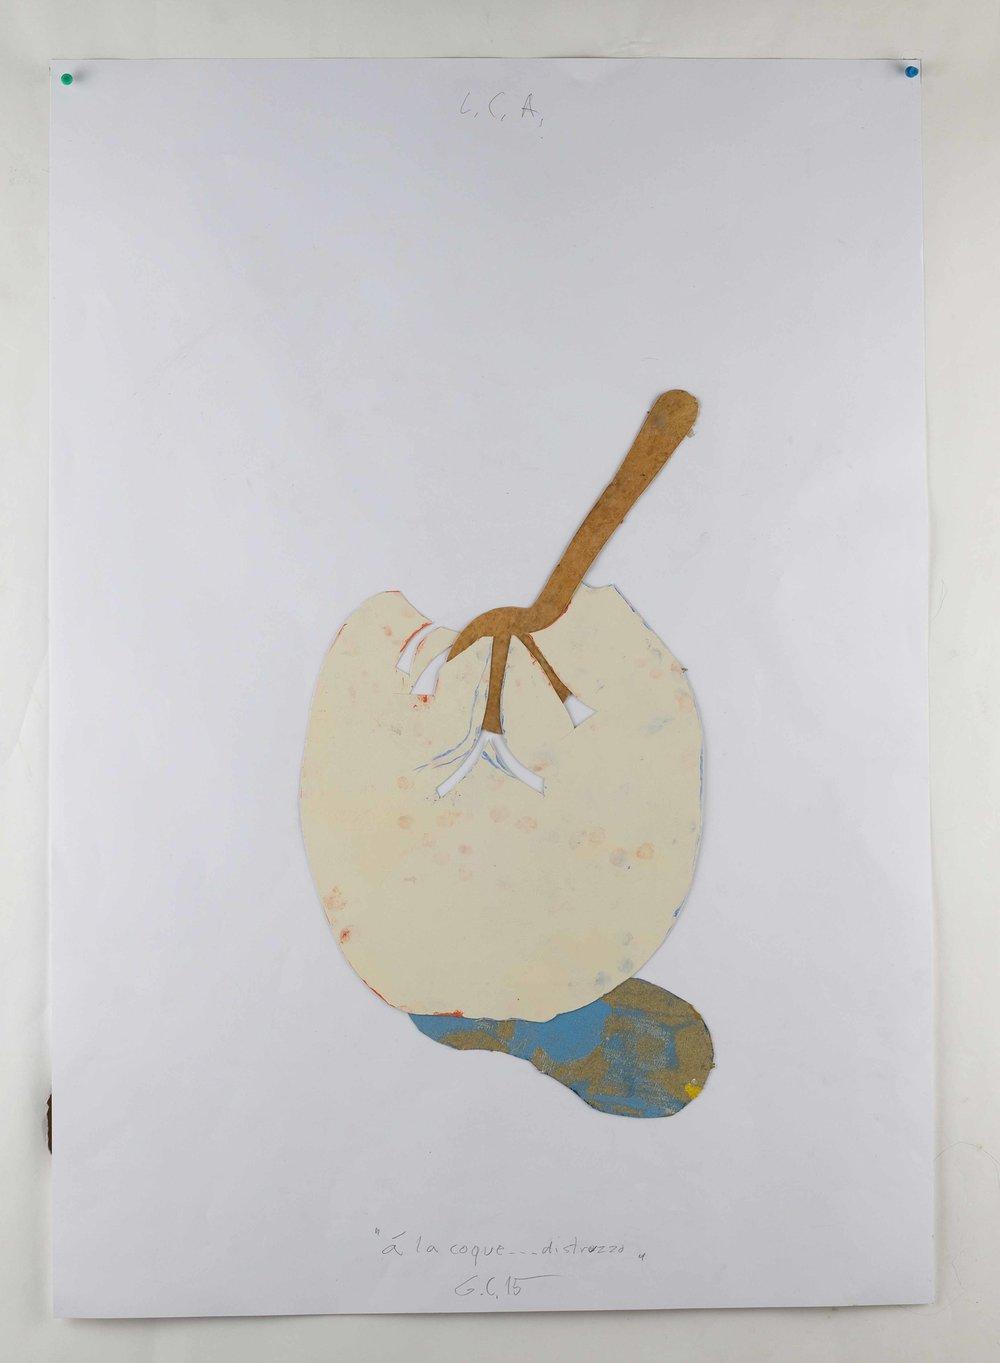 A la coque... di struzzo